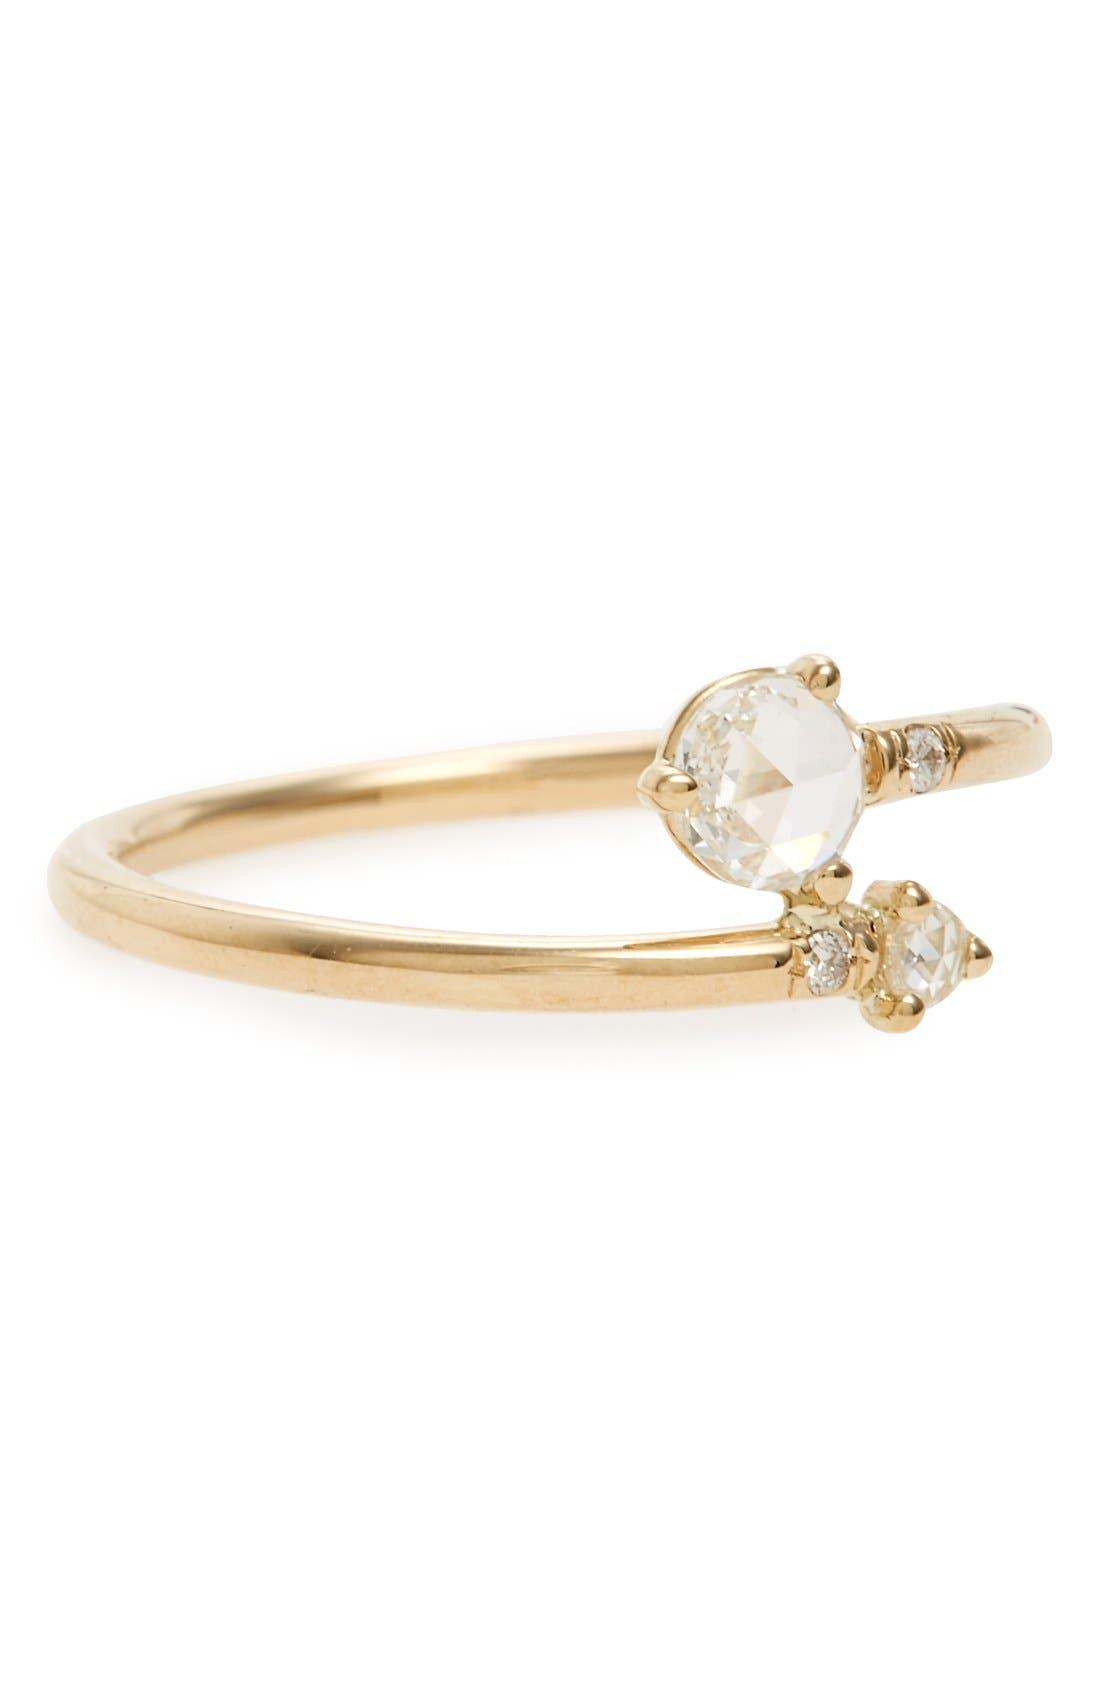 Alternate Image 1 Selected - WWAKE Diamond Crossover Ring